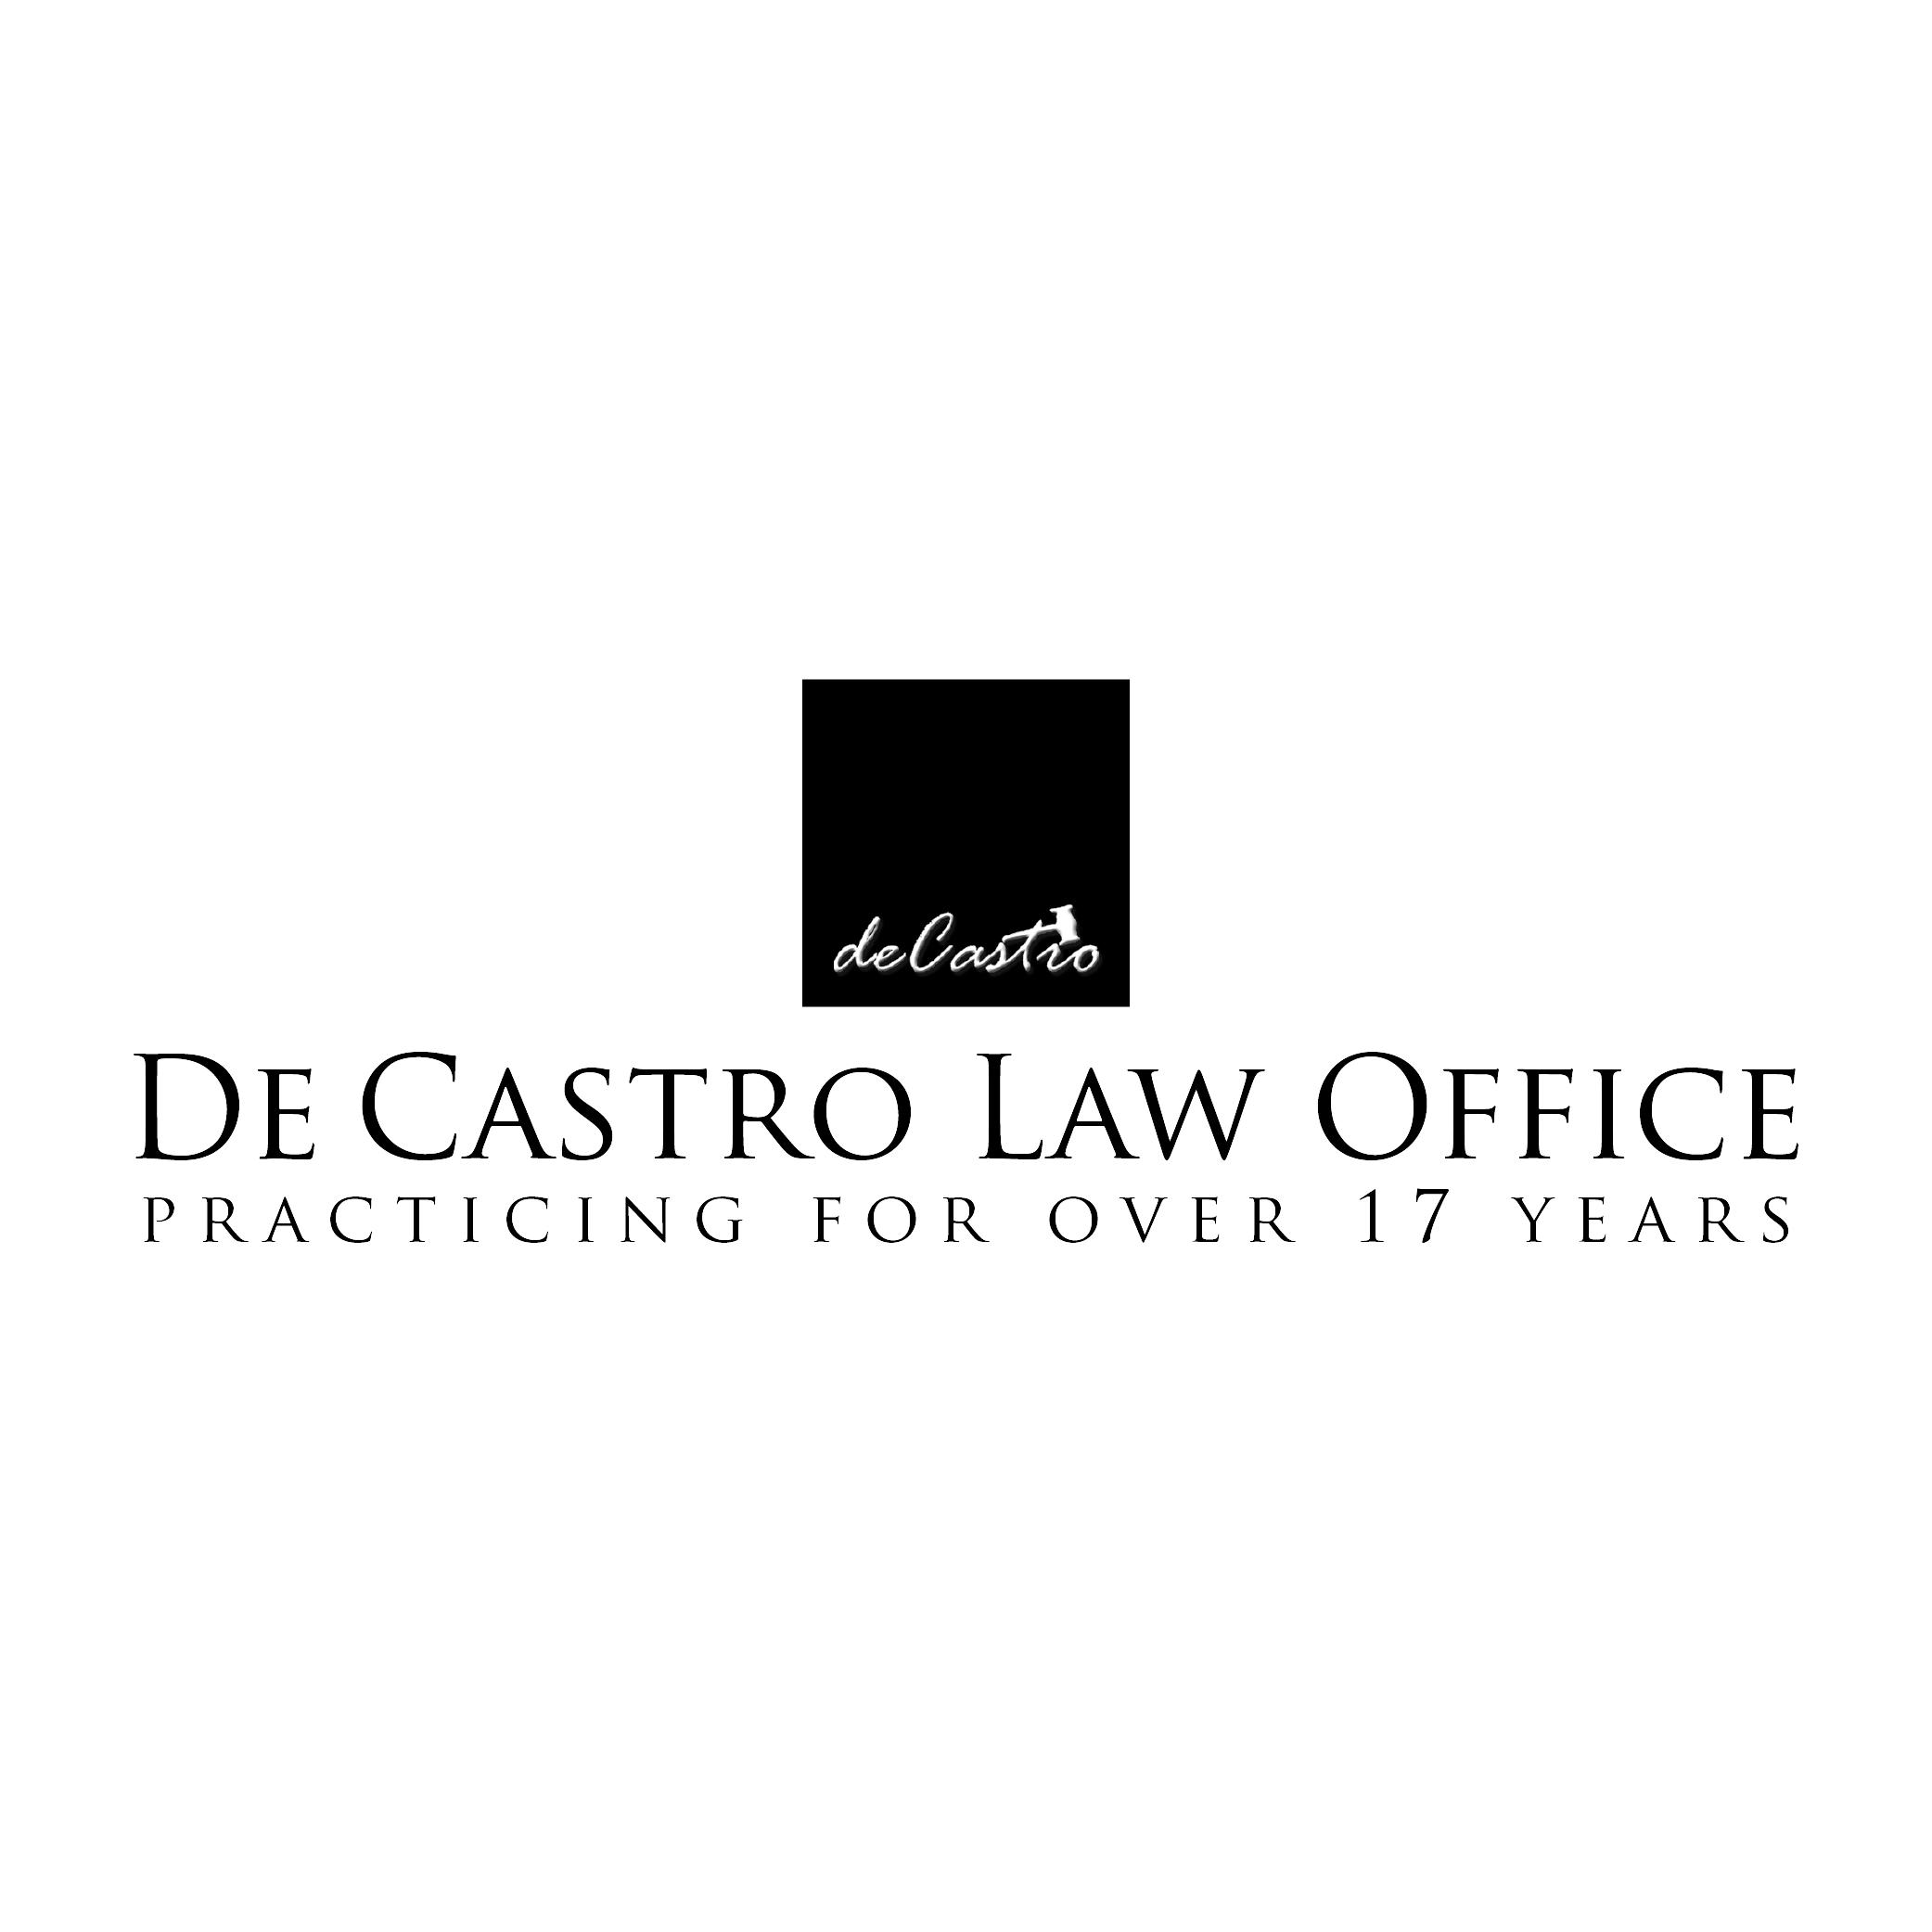 De Castro Law Office